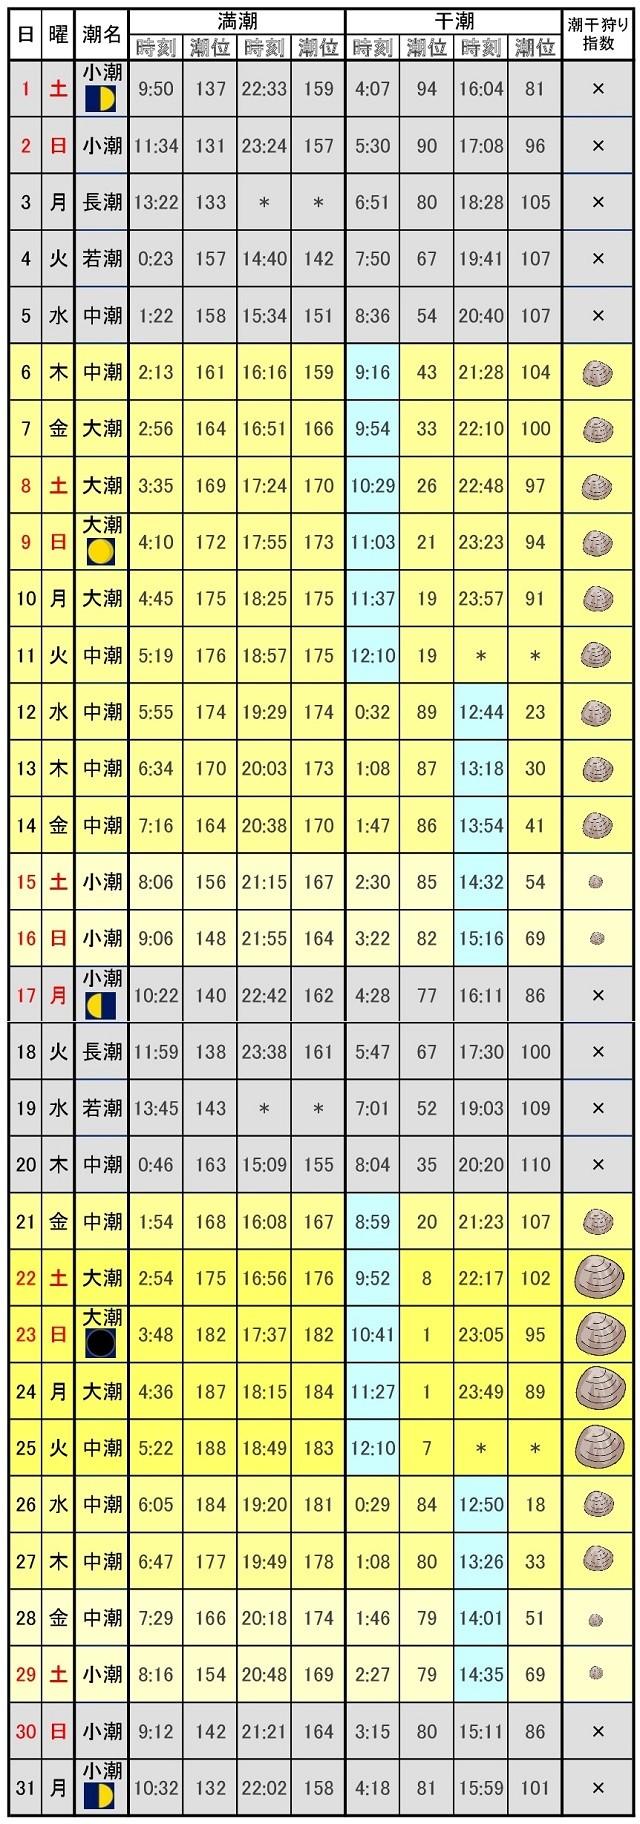 木更津潮干狩り指数2017年7月